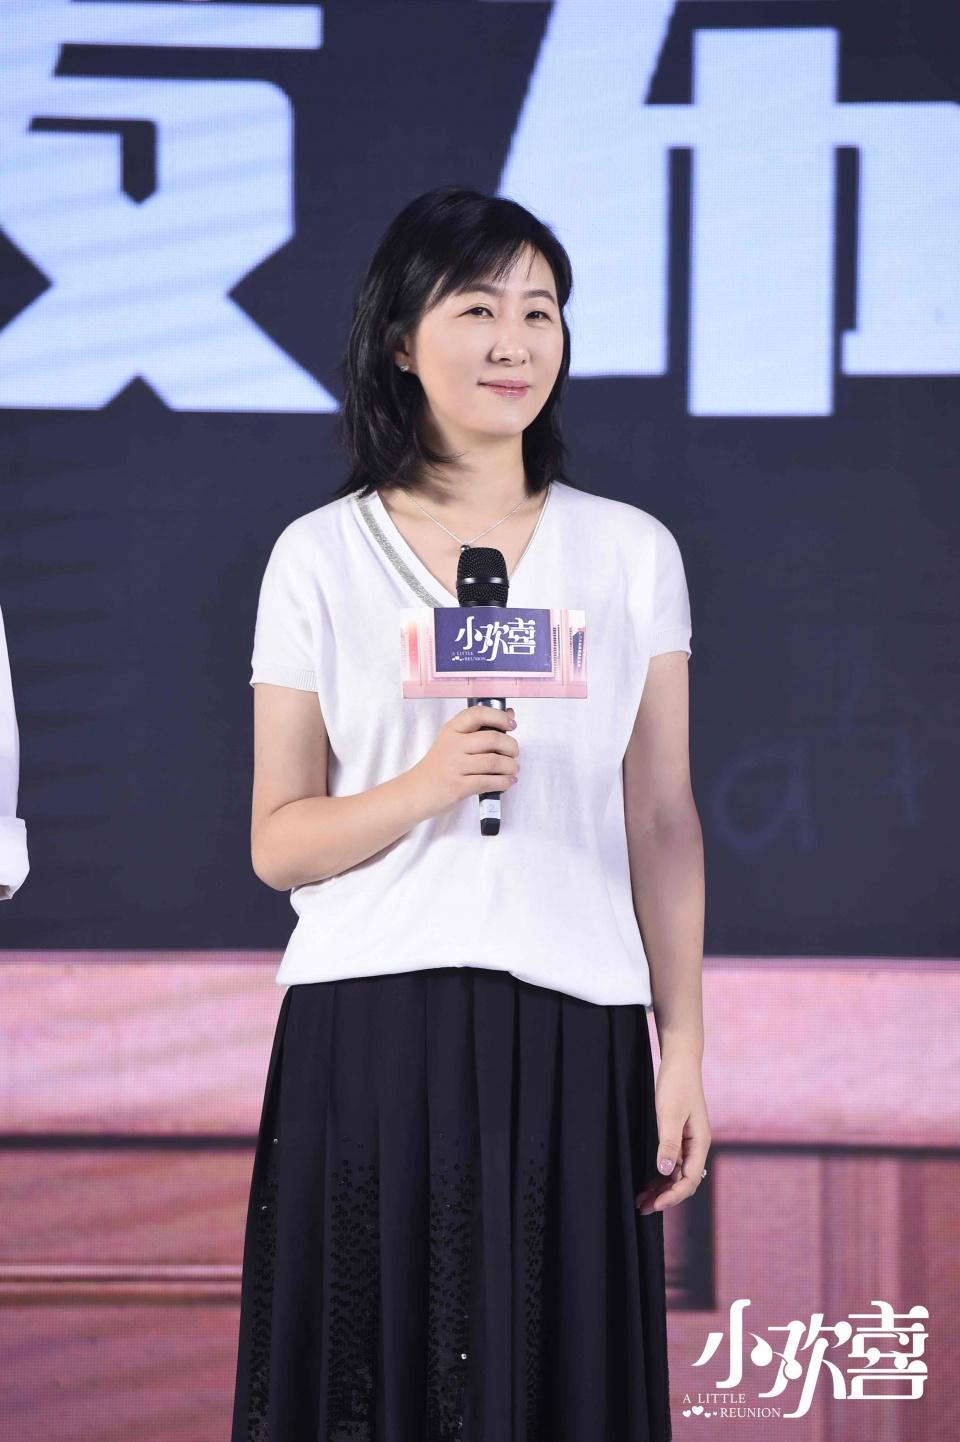 《小欢喜》今日开播  黄磊海清演绎中国式家庭的喜怒哀乐